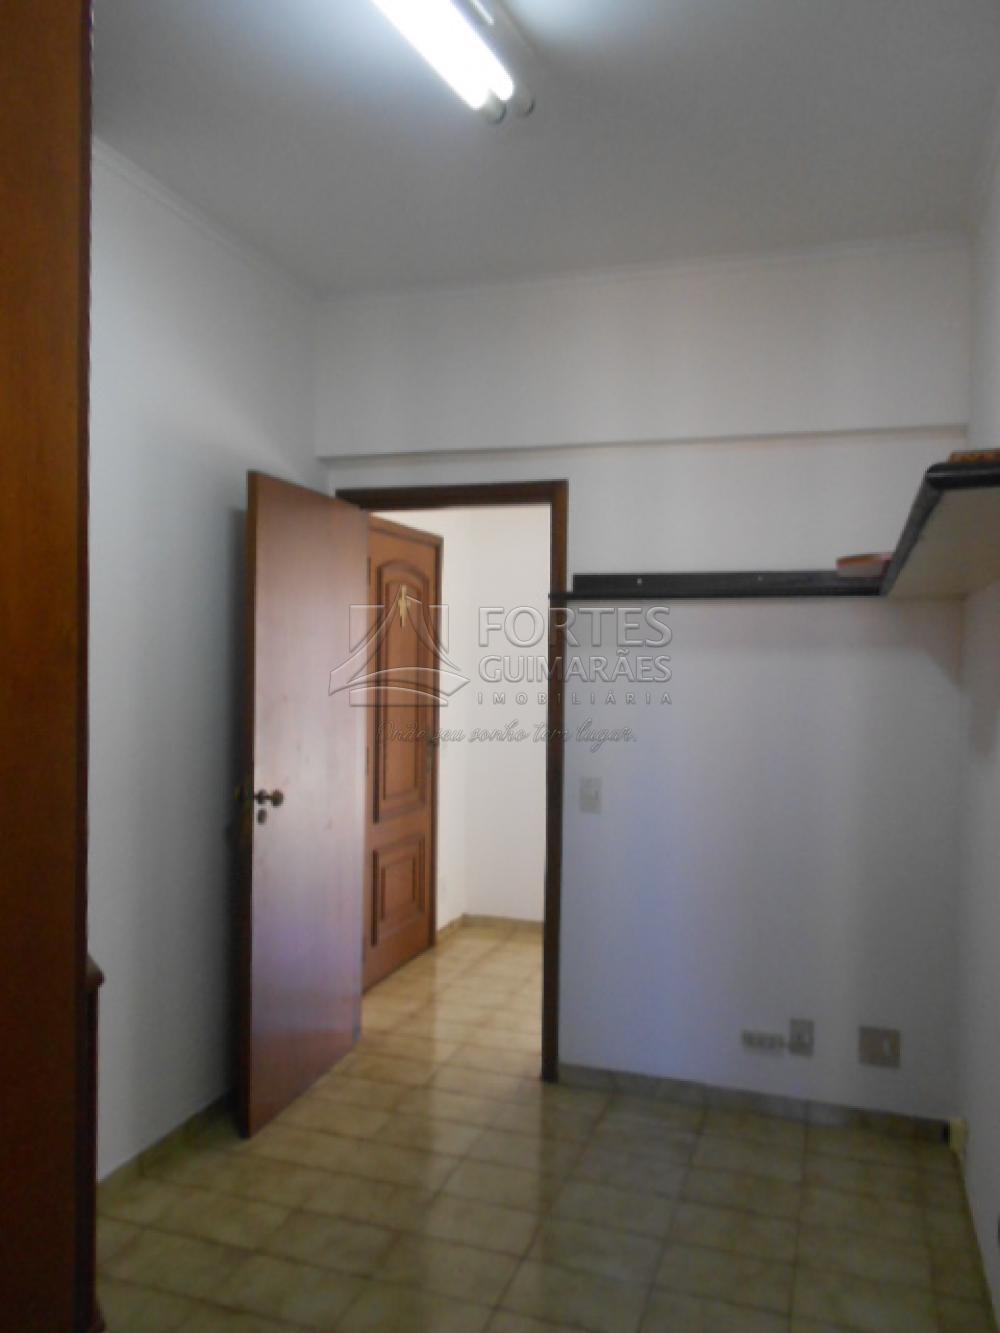 Alugar Apartamentos / Padrão em Ribeirão Preto apenas R$ 1.250,00 - Foto 15